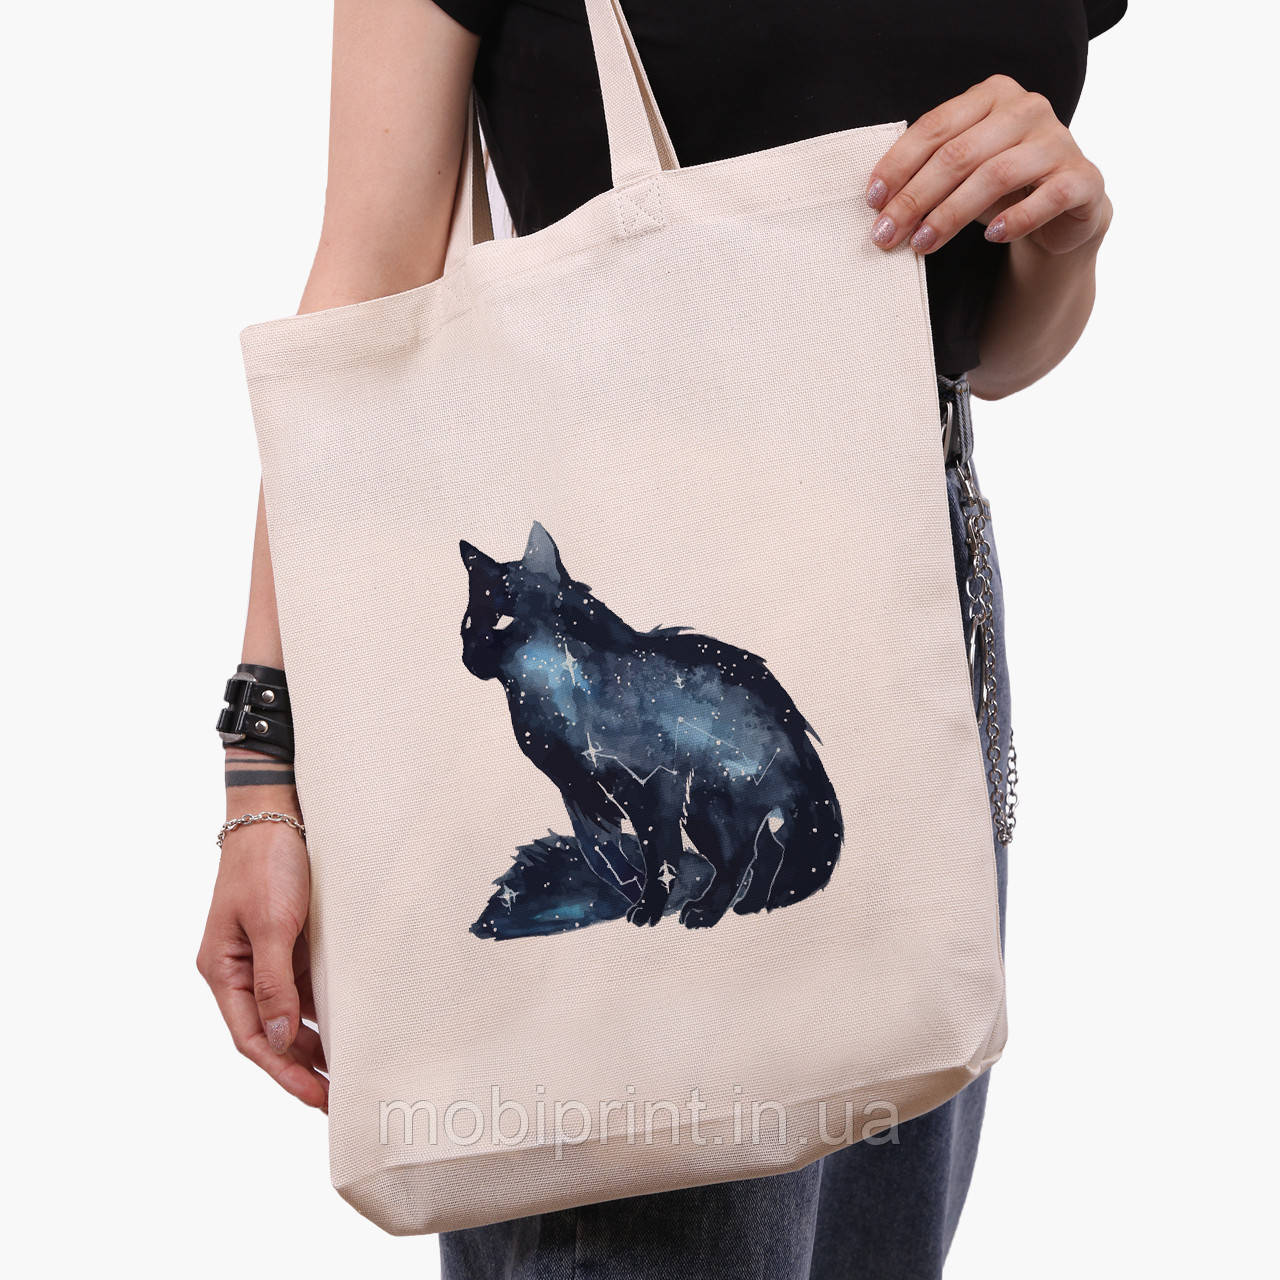 Эко сумка шоппер белая Созвездие Кошка (Cat) (9227-1758-1)  экосумка шопер 41*39*8 см